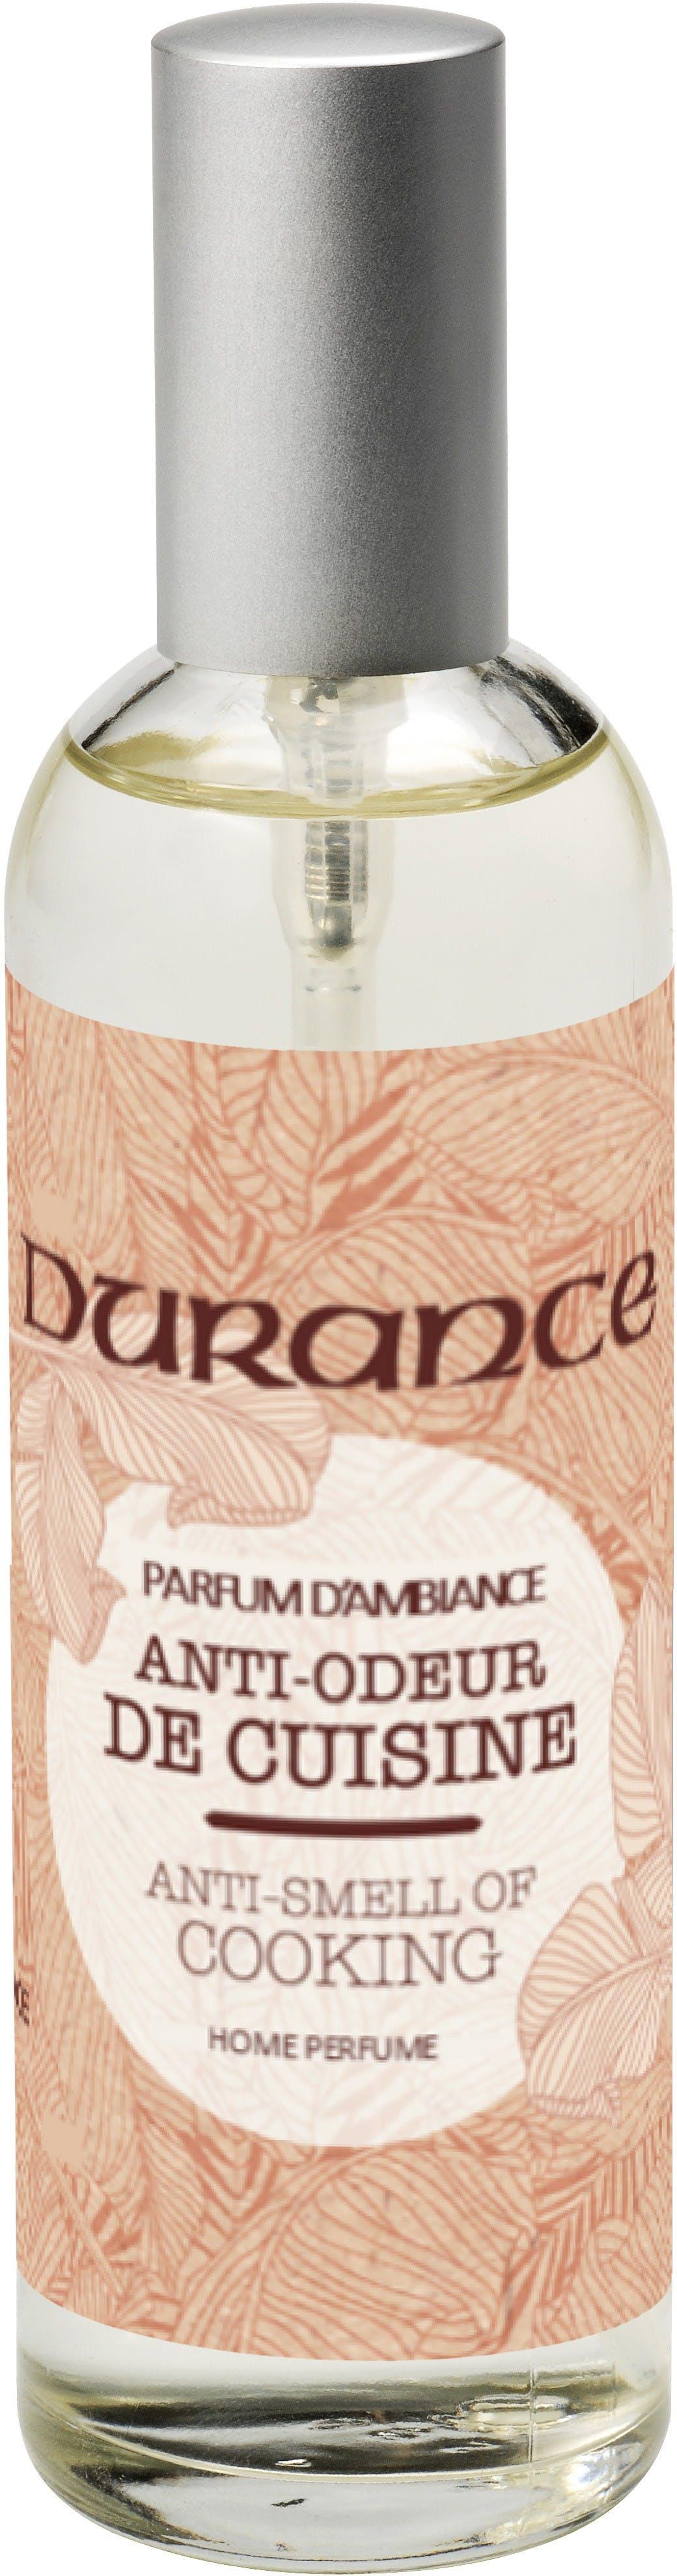 Parfum d'ambiance gamme Utile Anti-odeurs de Cuisine 100ml DURANCE